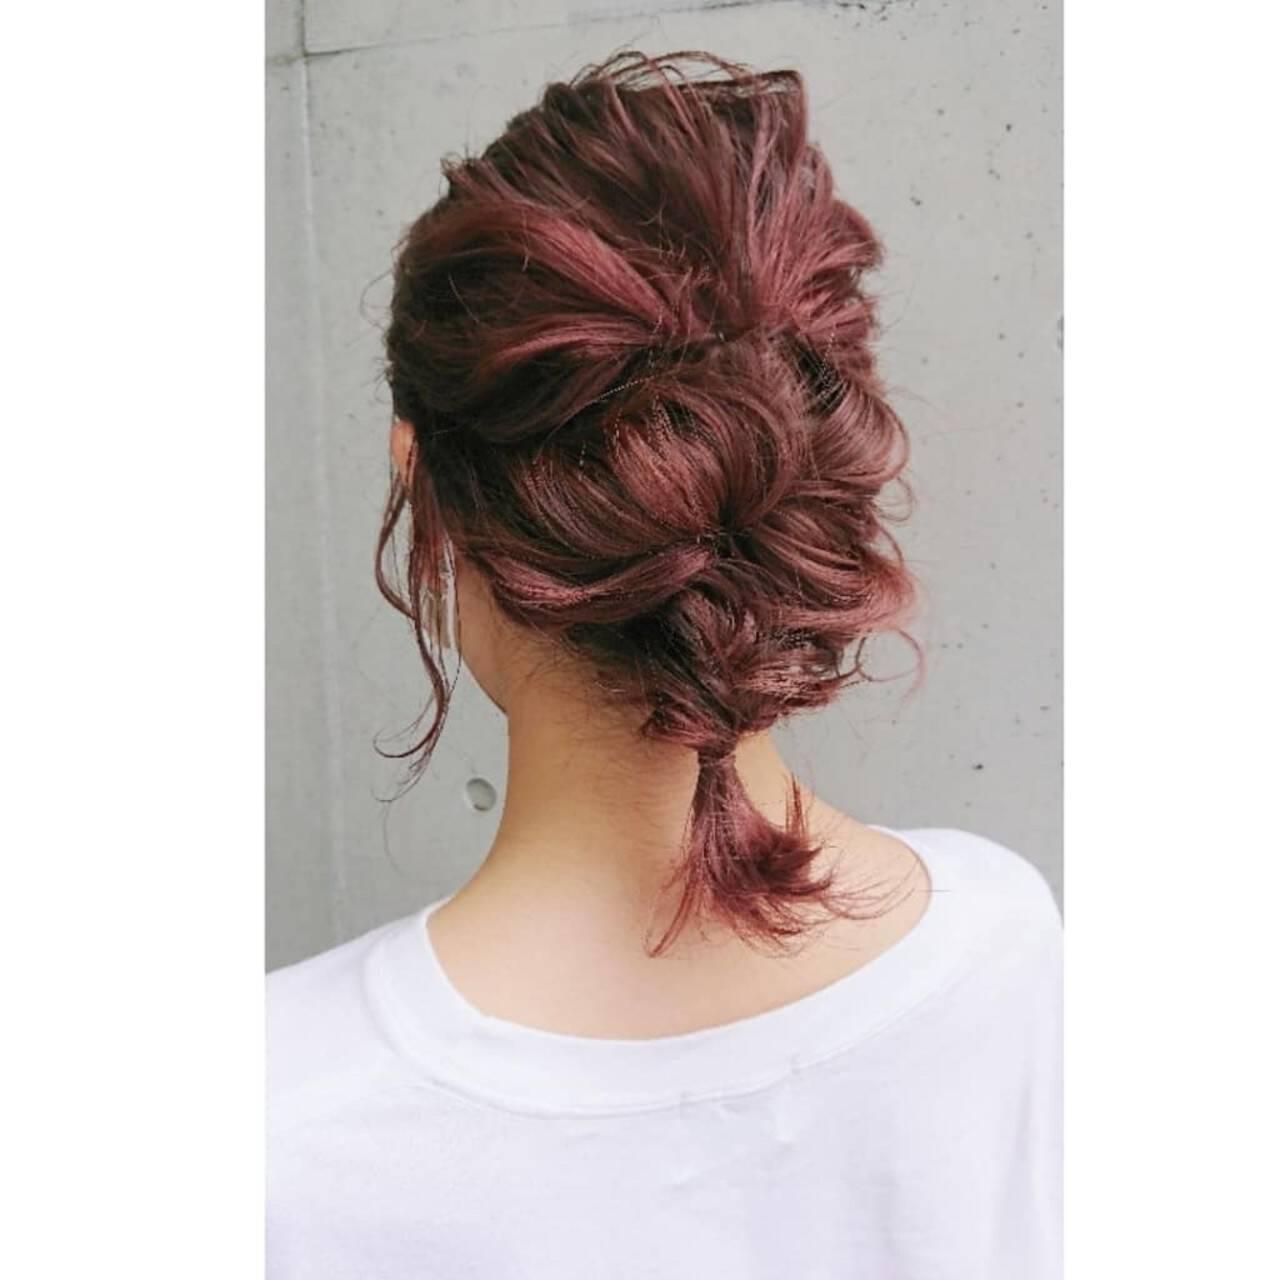 ナチュラル 結婚式ヘアアレンジ 編み込み 簡単ヘアアレンジヘアスタイルや髪型の写真・画像